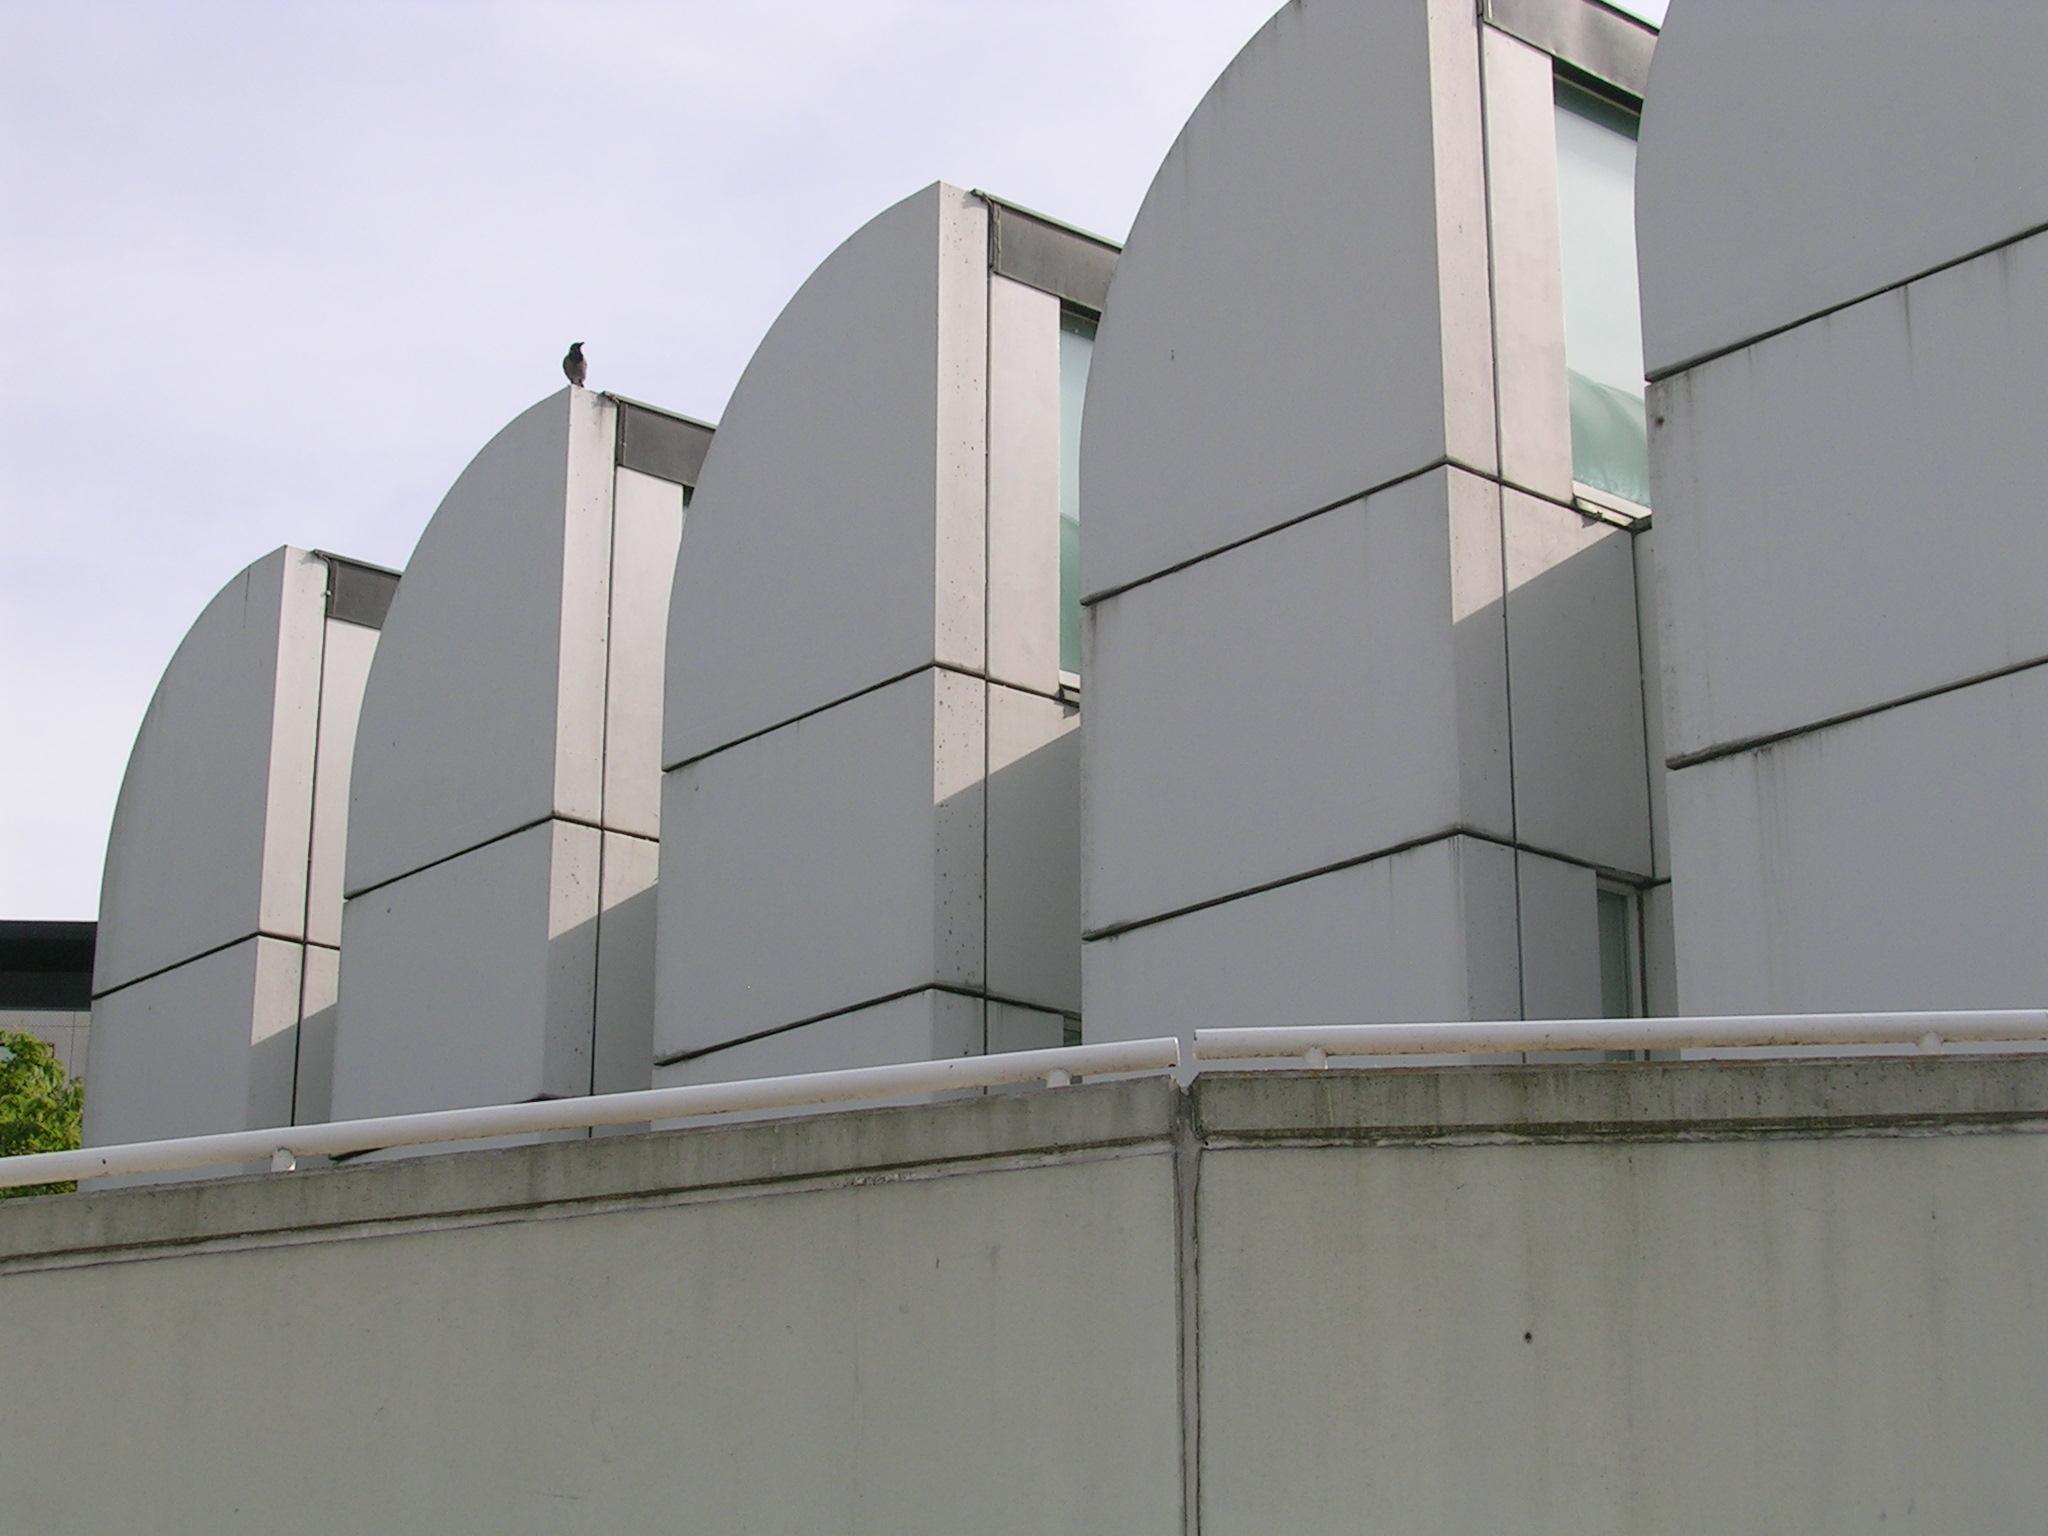 Archivio bauhaus a berlino attanasio architettura for Progetta il mio edificio online